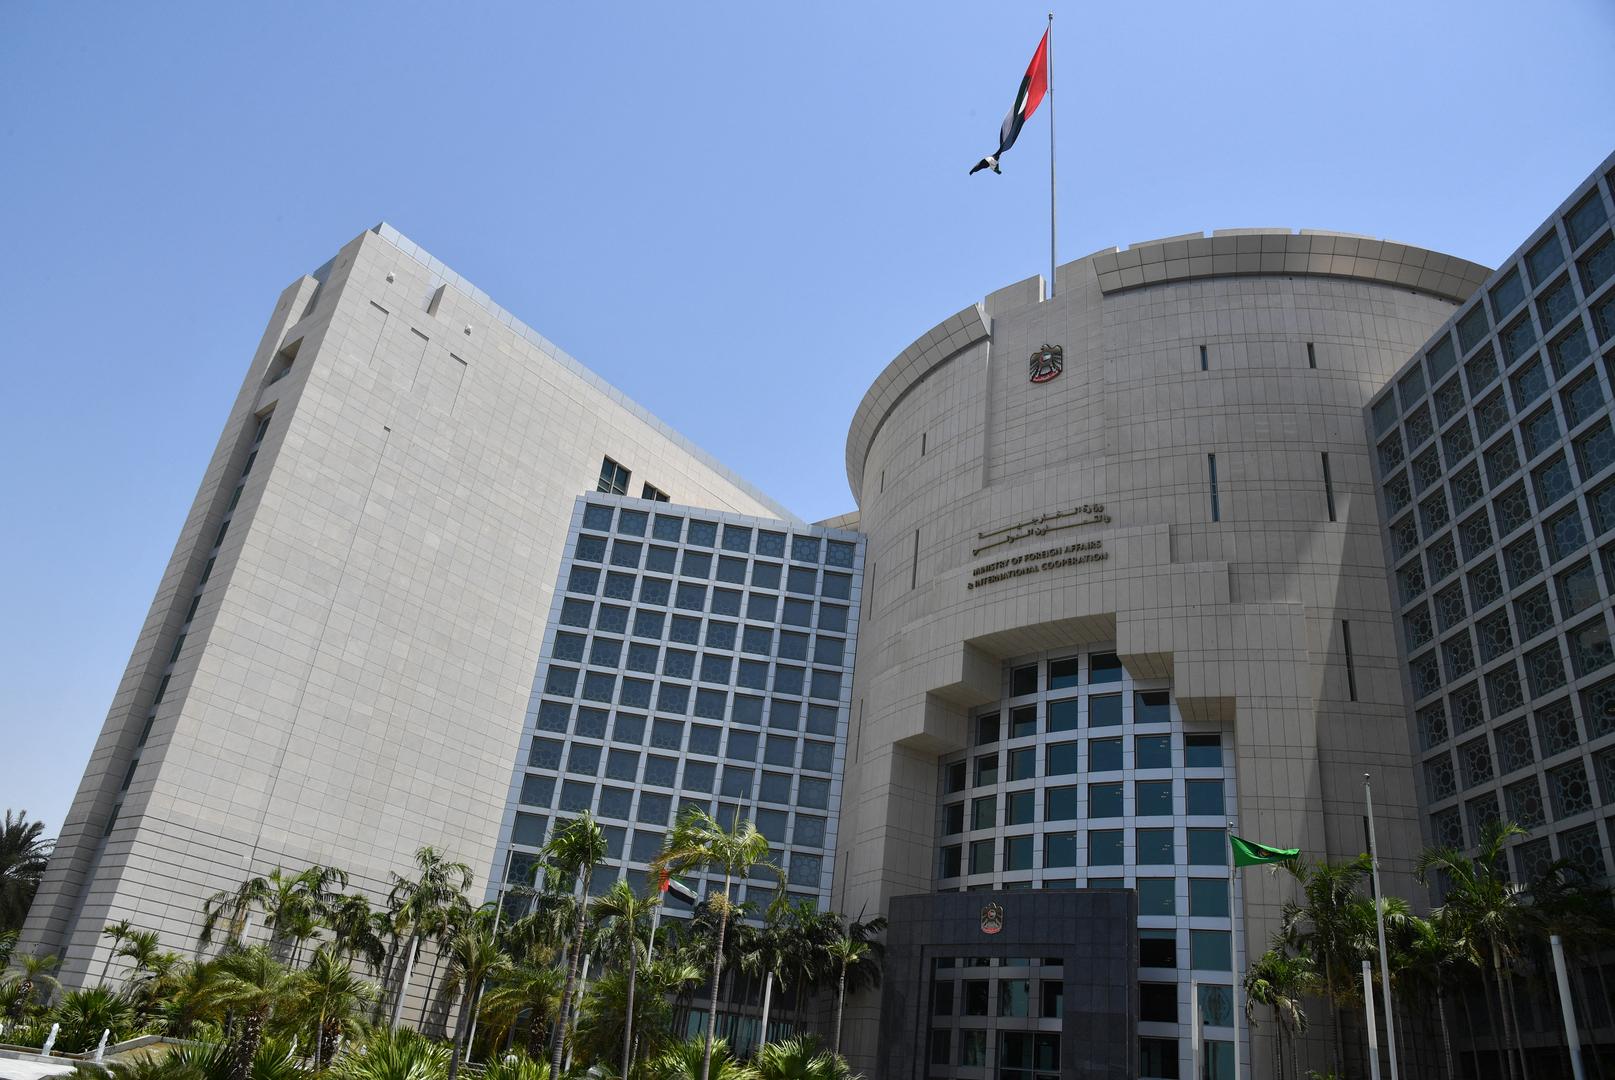 الإمارات تصدر بيانا حول قضية التجسس عبر برنامج